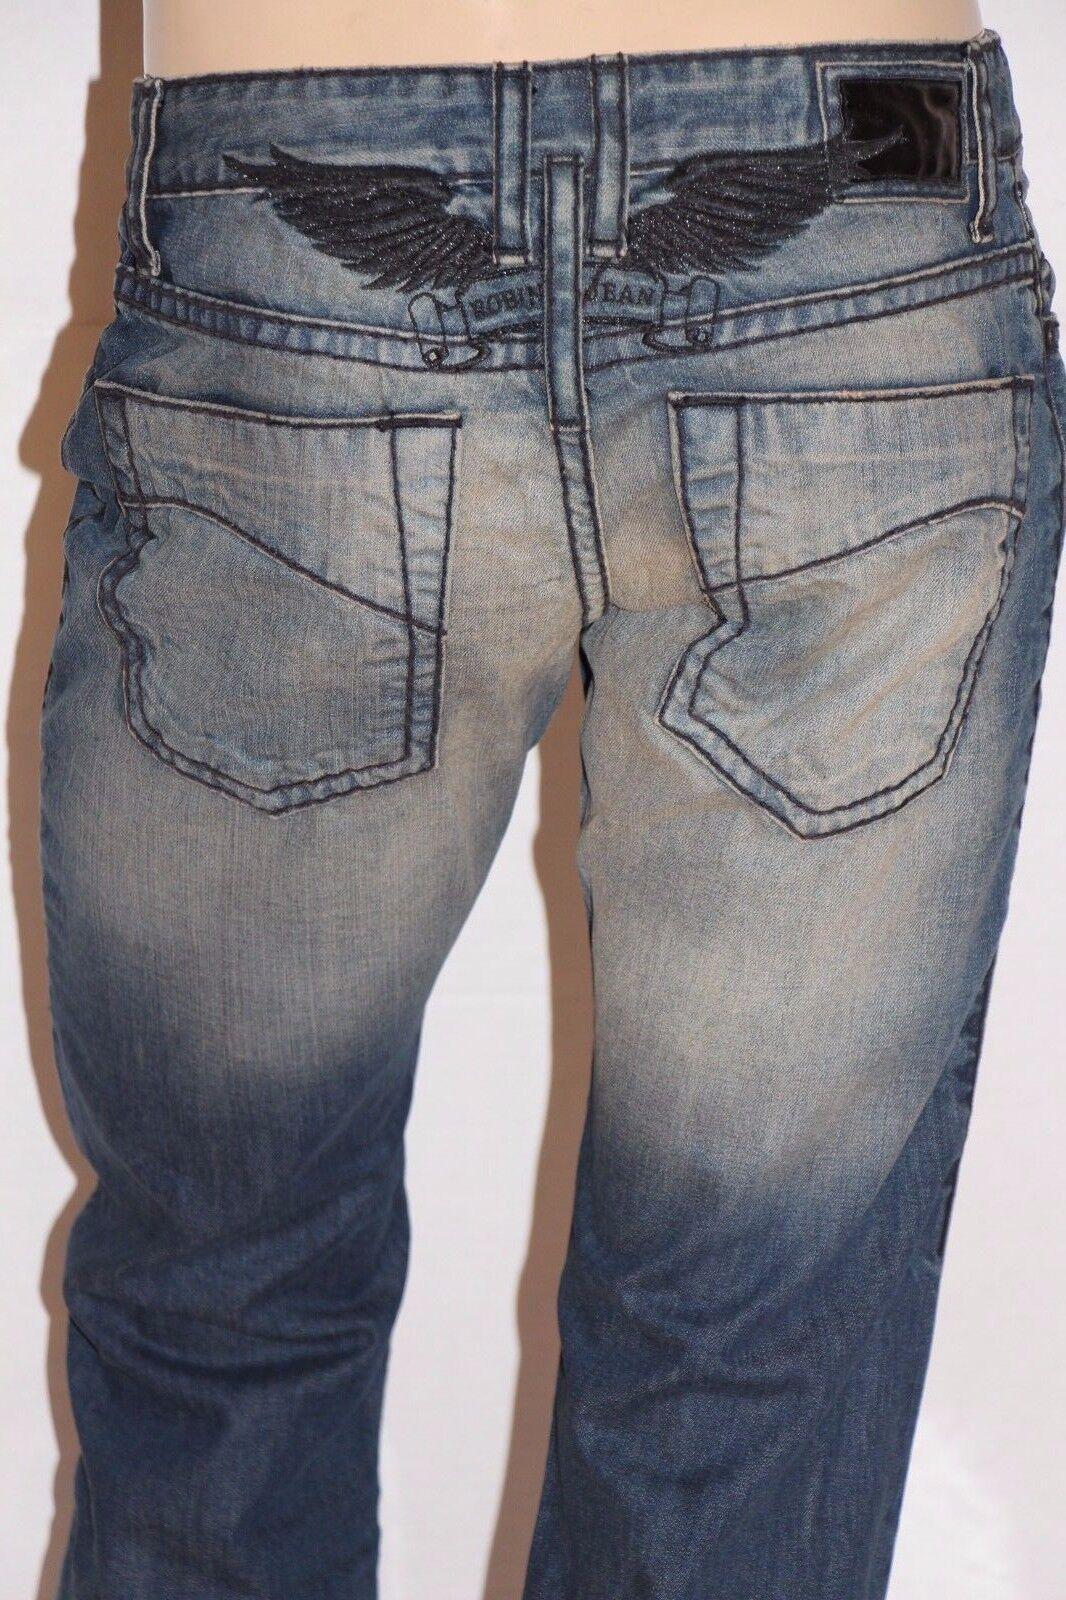 Neu Herren ROTKEHLCHEN Jeans Sz 33  D5669B Gerades Bein -schwarz Schwer Nähte